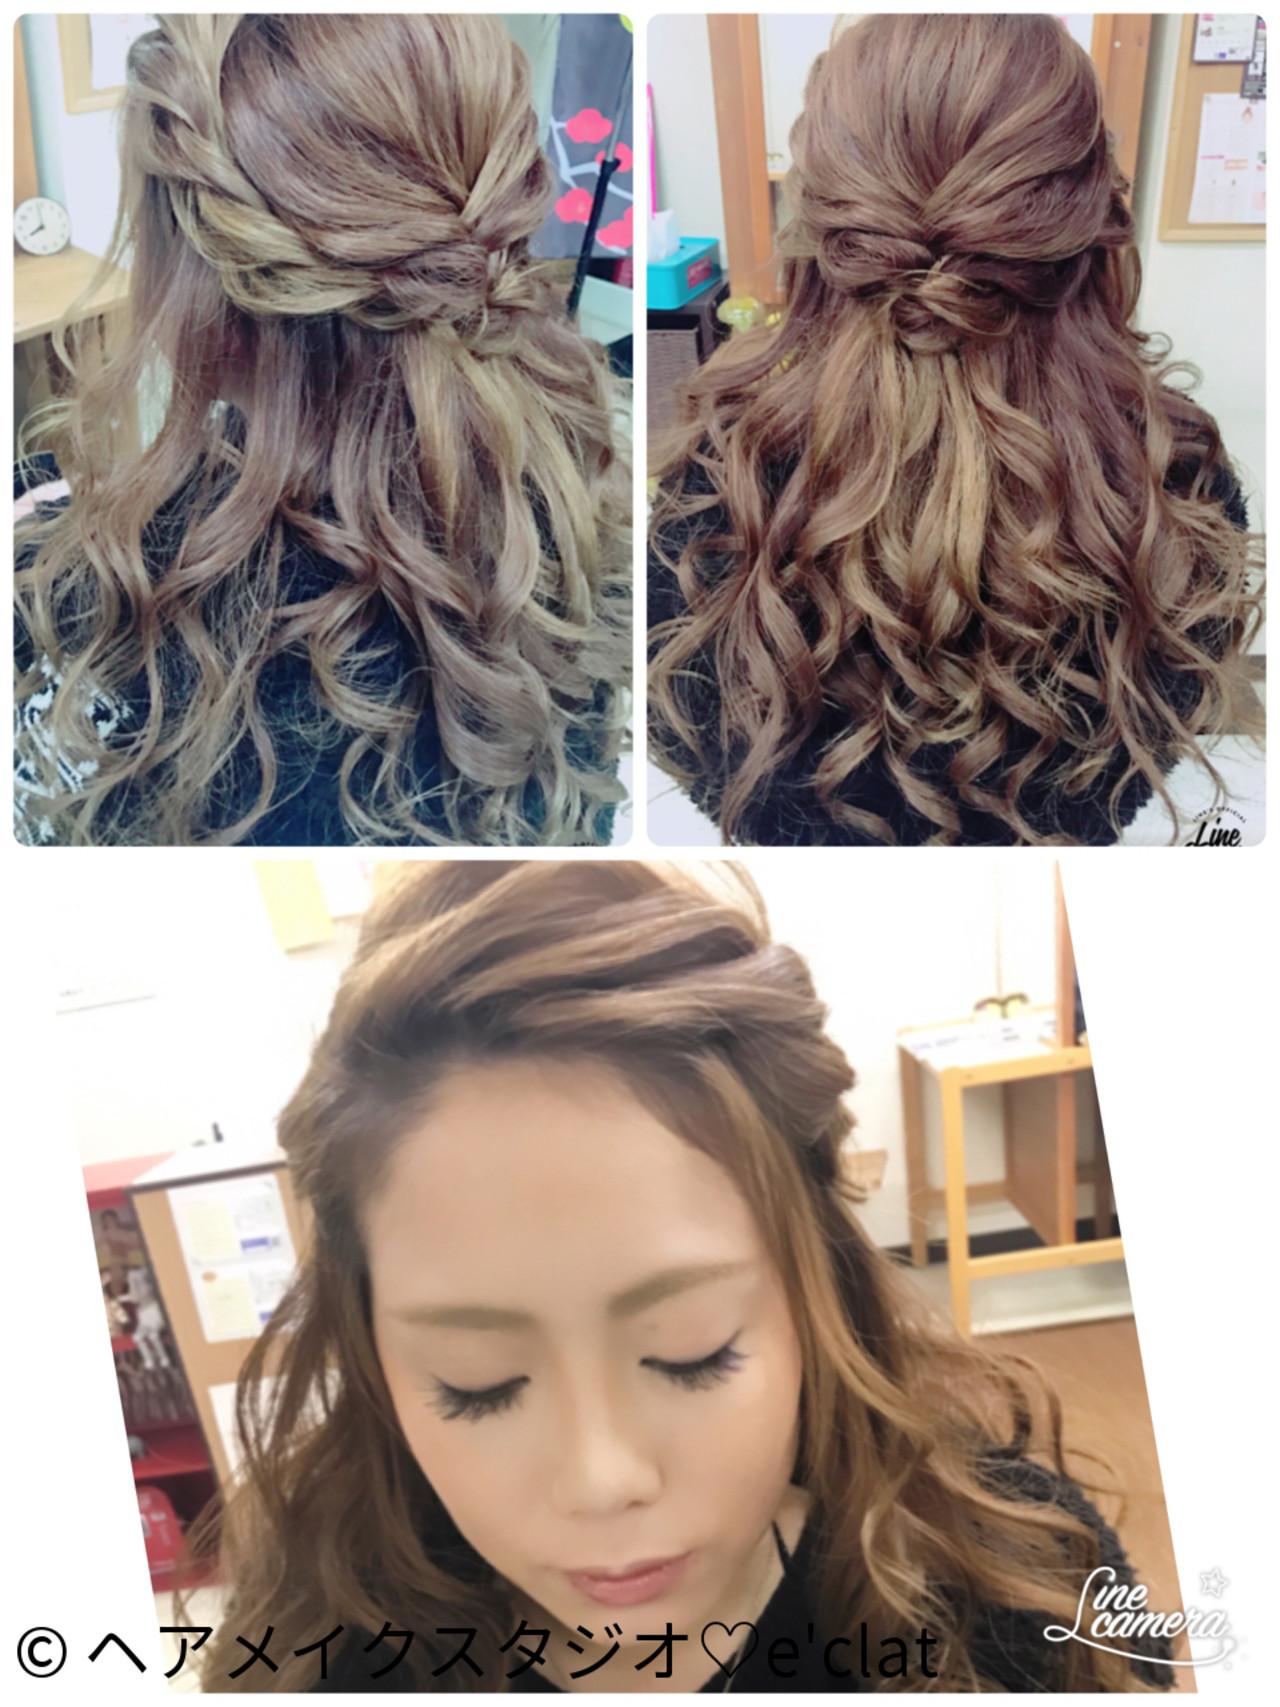 ロング ヘア アレンジ 前髪 なし 伸ばしかけ前髪の簡単アレンジ方法♡忙しい朝も5分あればできちゃうっ!